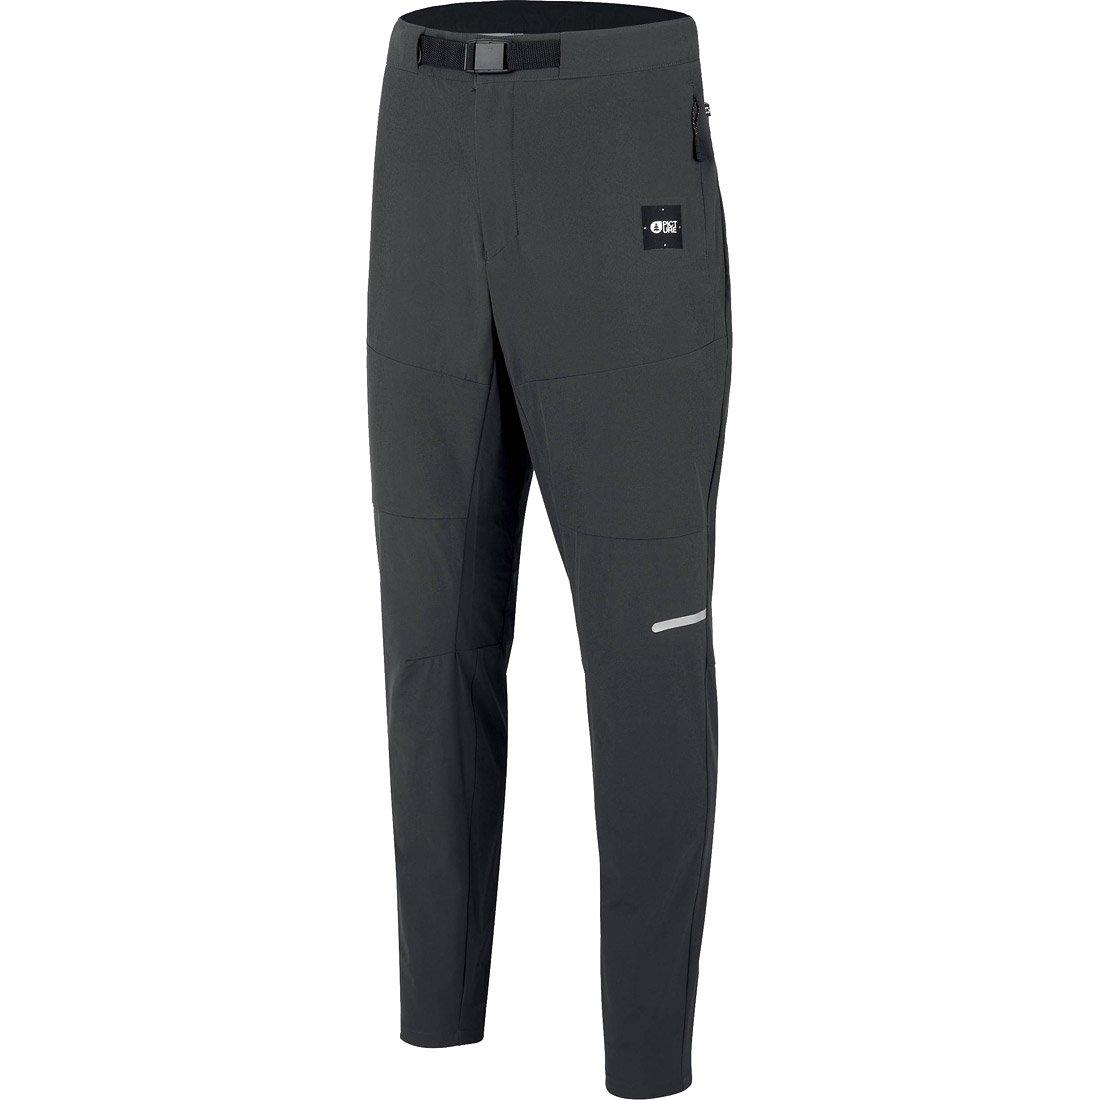 מכנסיים ארוכים לגברים - Karm Stretch Pt - Picture Organic